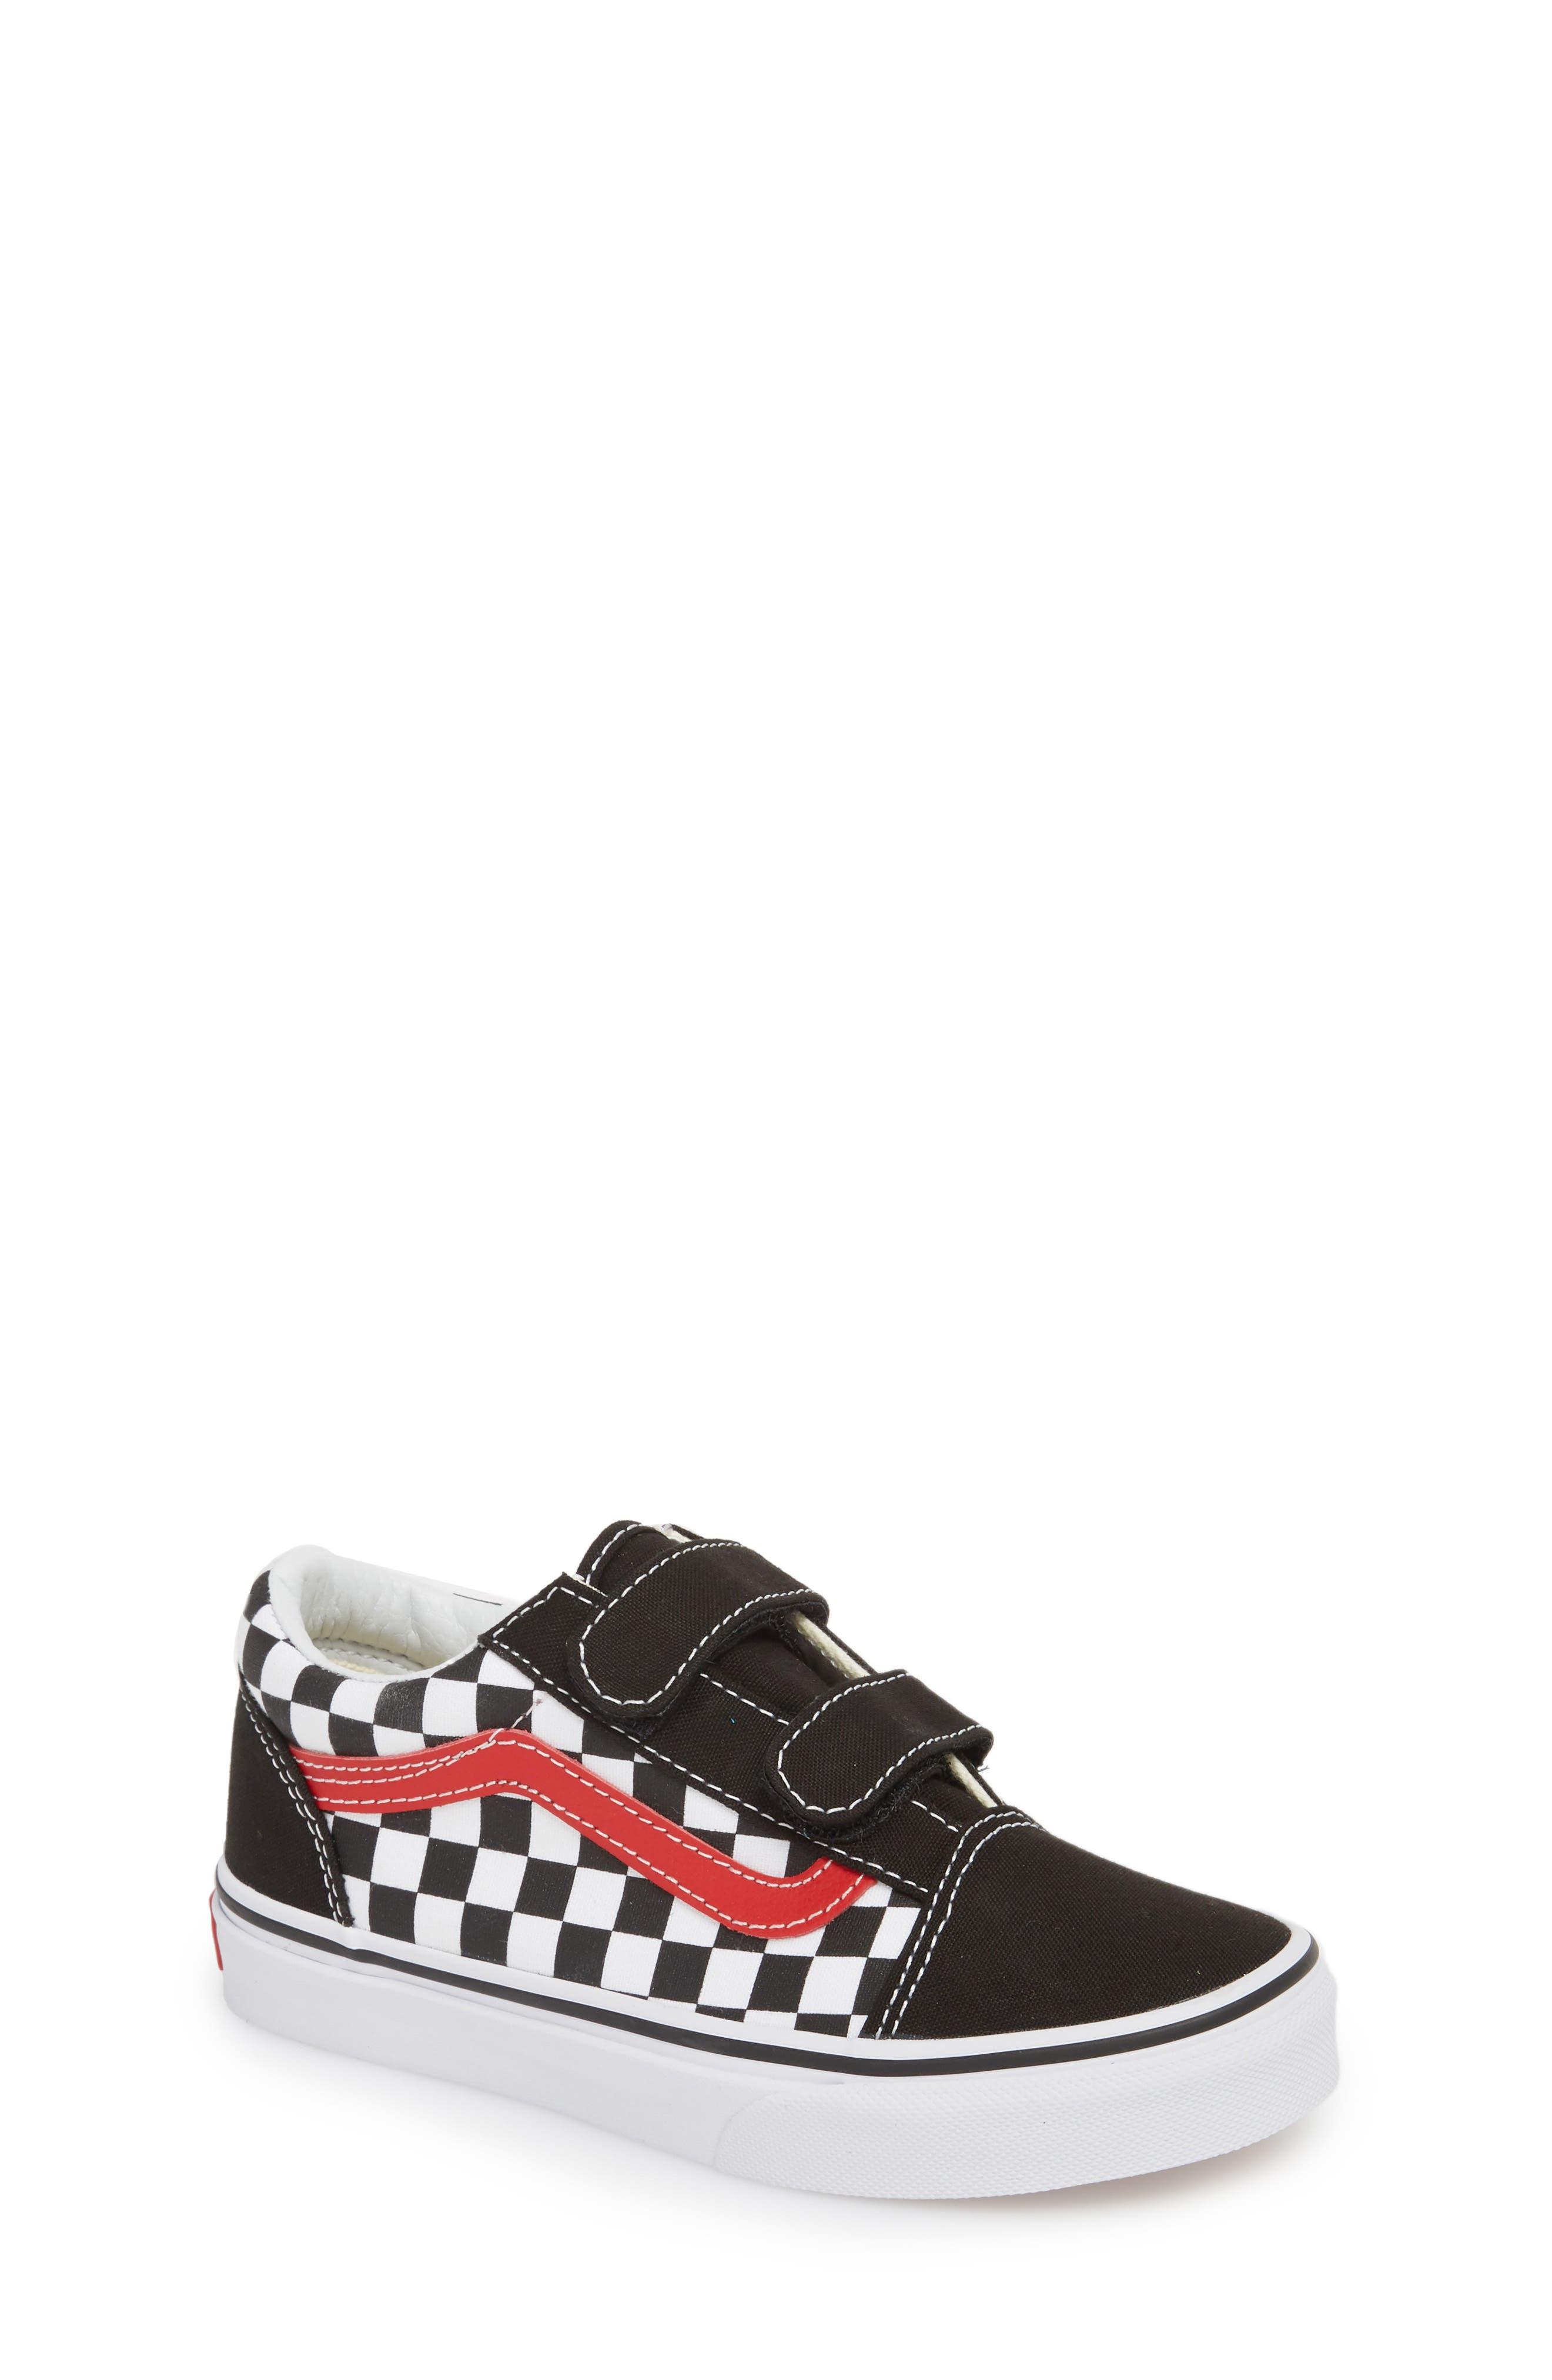 Old Skool V Sneaker,                         Main,                         color, Checkerboard Black/ Red/ White